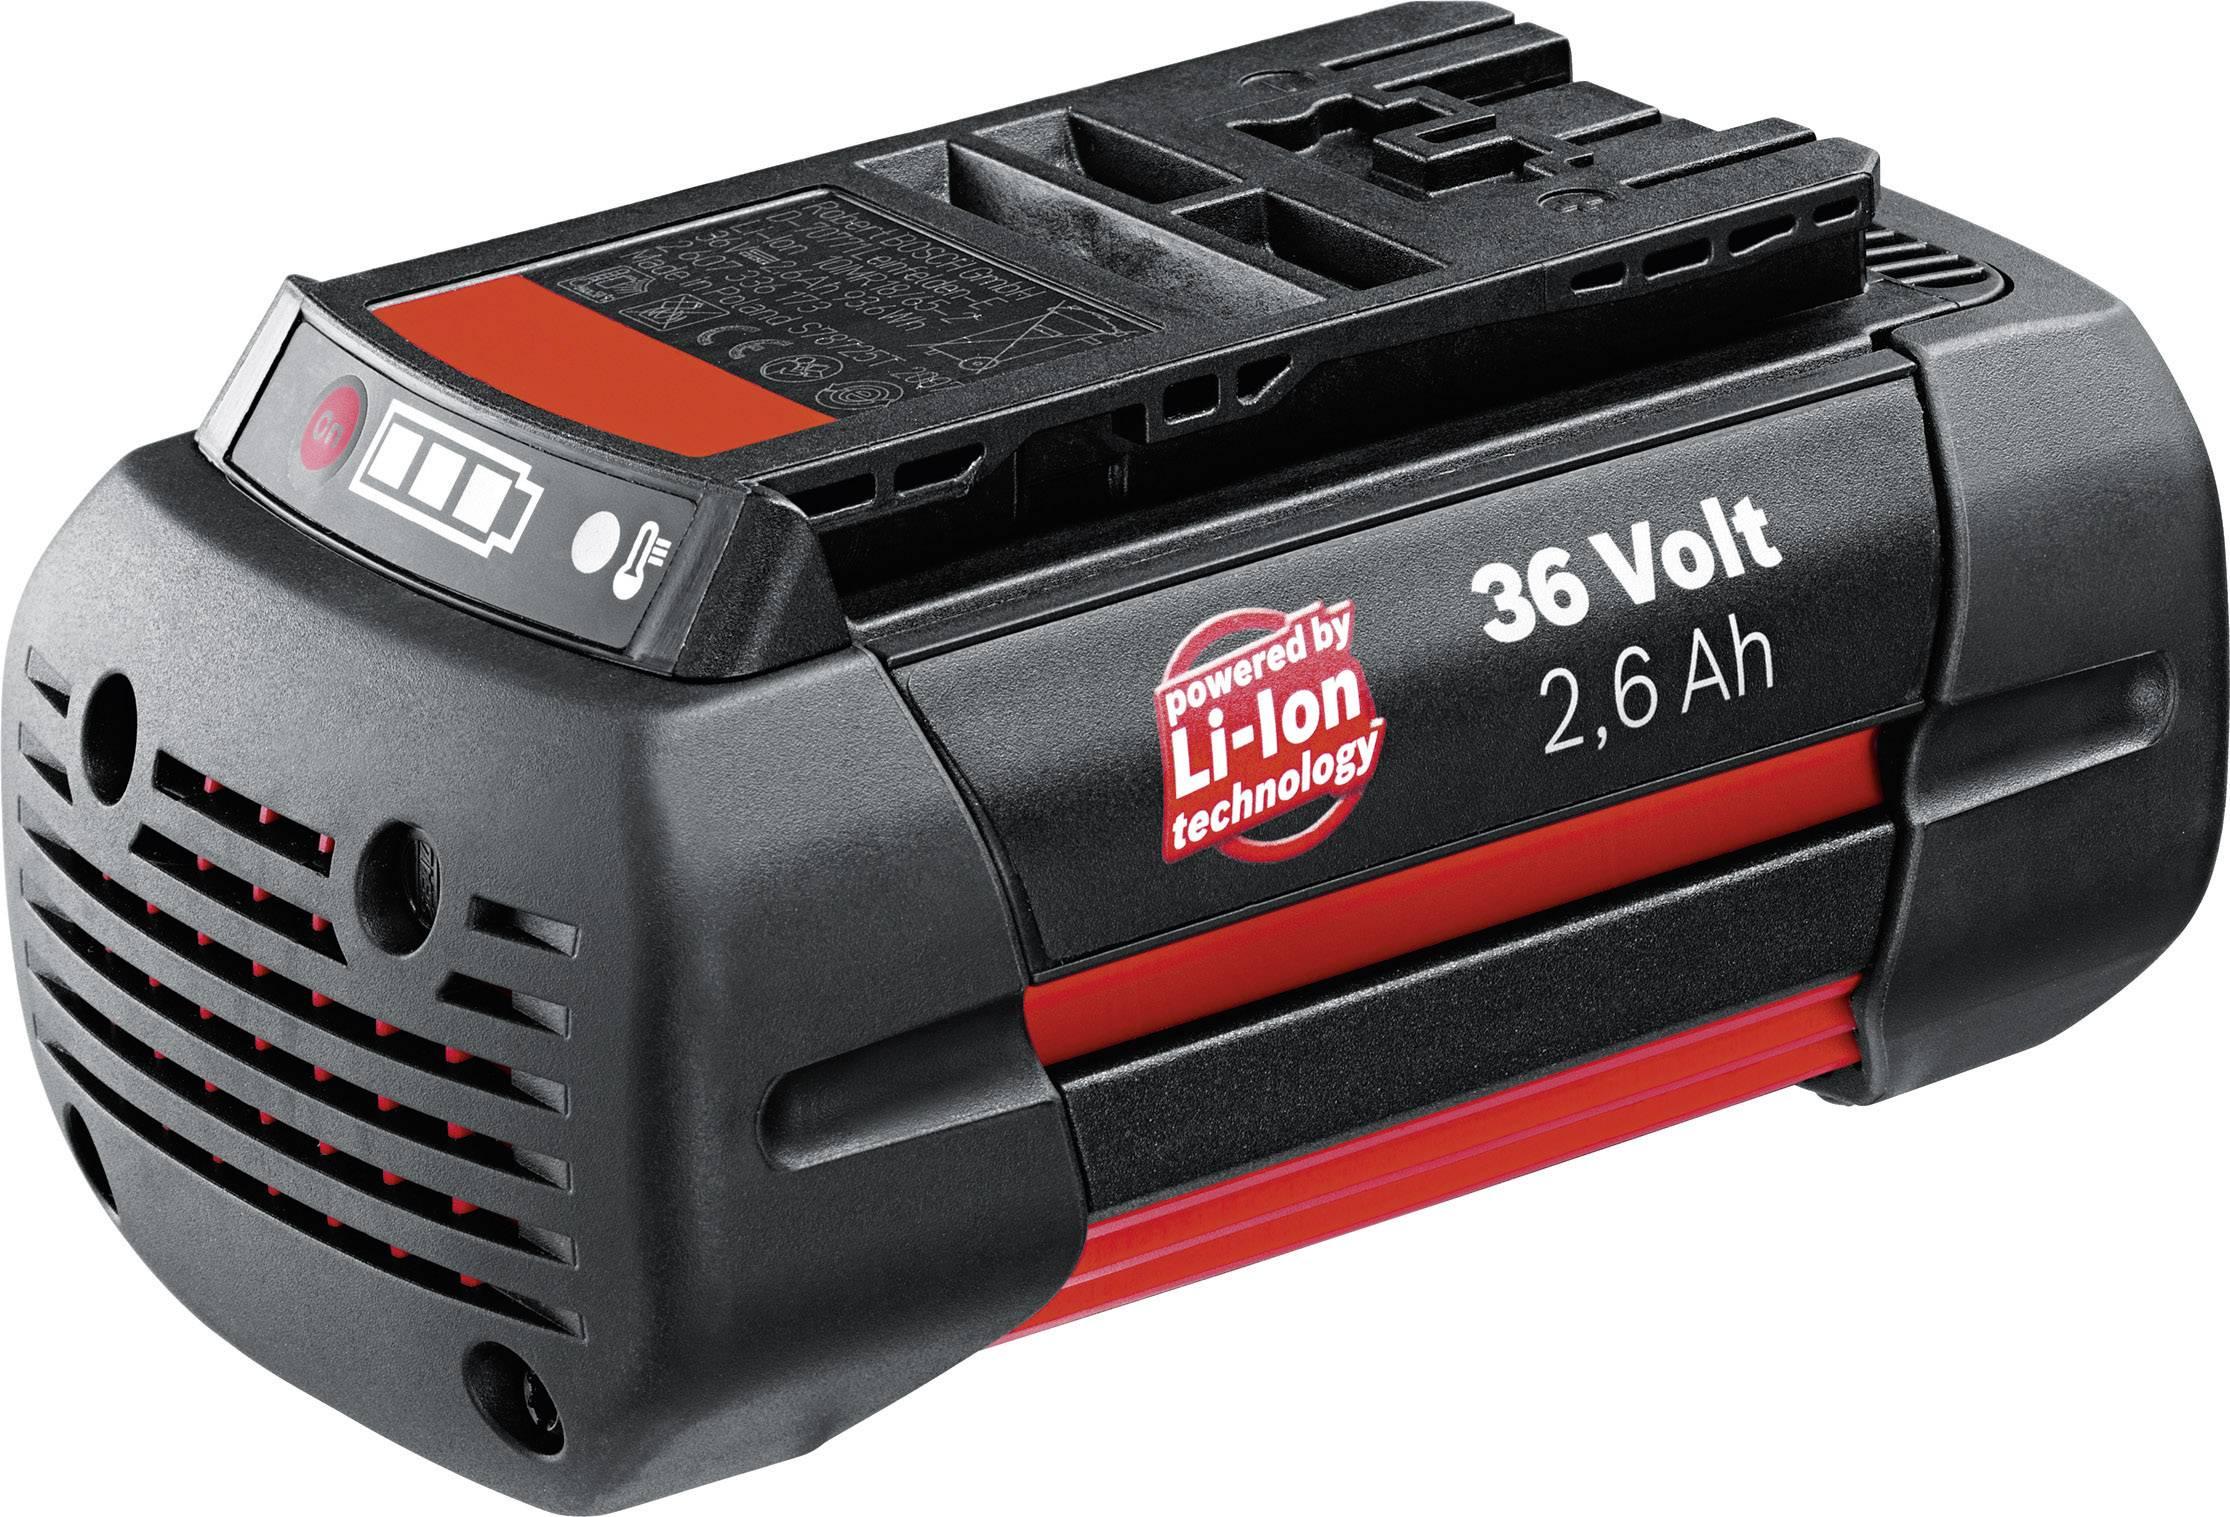 Akumulátor Bosch, Li-Ion, 36 V, 2.6 Ah, 2 607 336 108